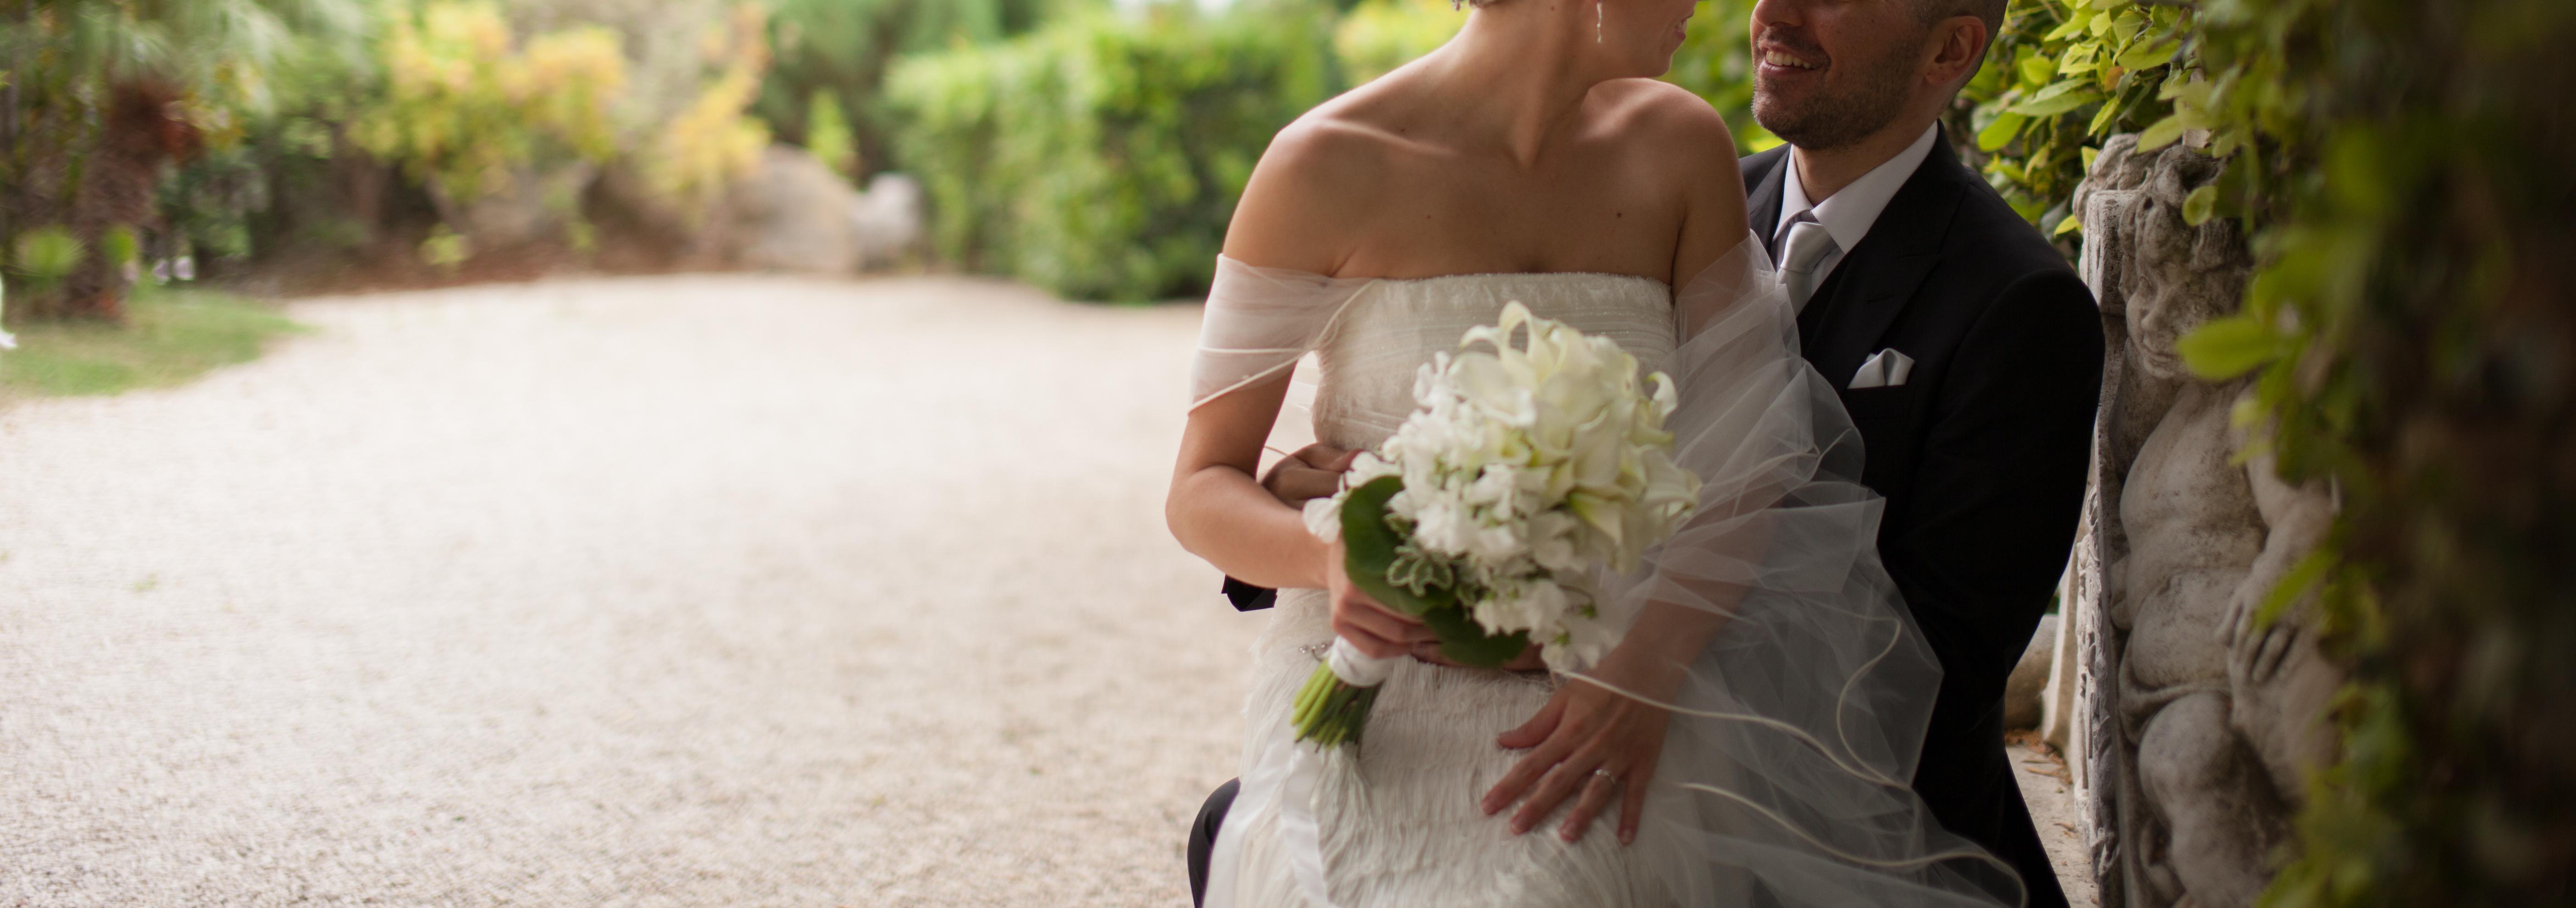 【35歳からの婚活】キャリア女性の婚活を成功させる極意とは